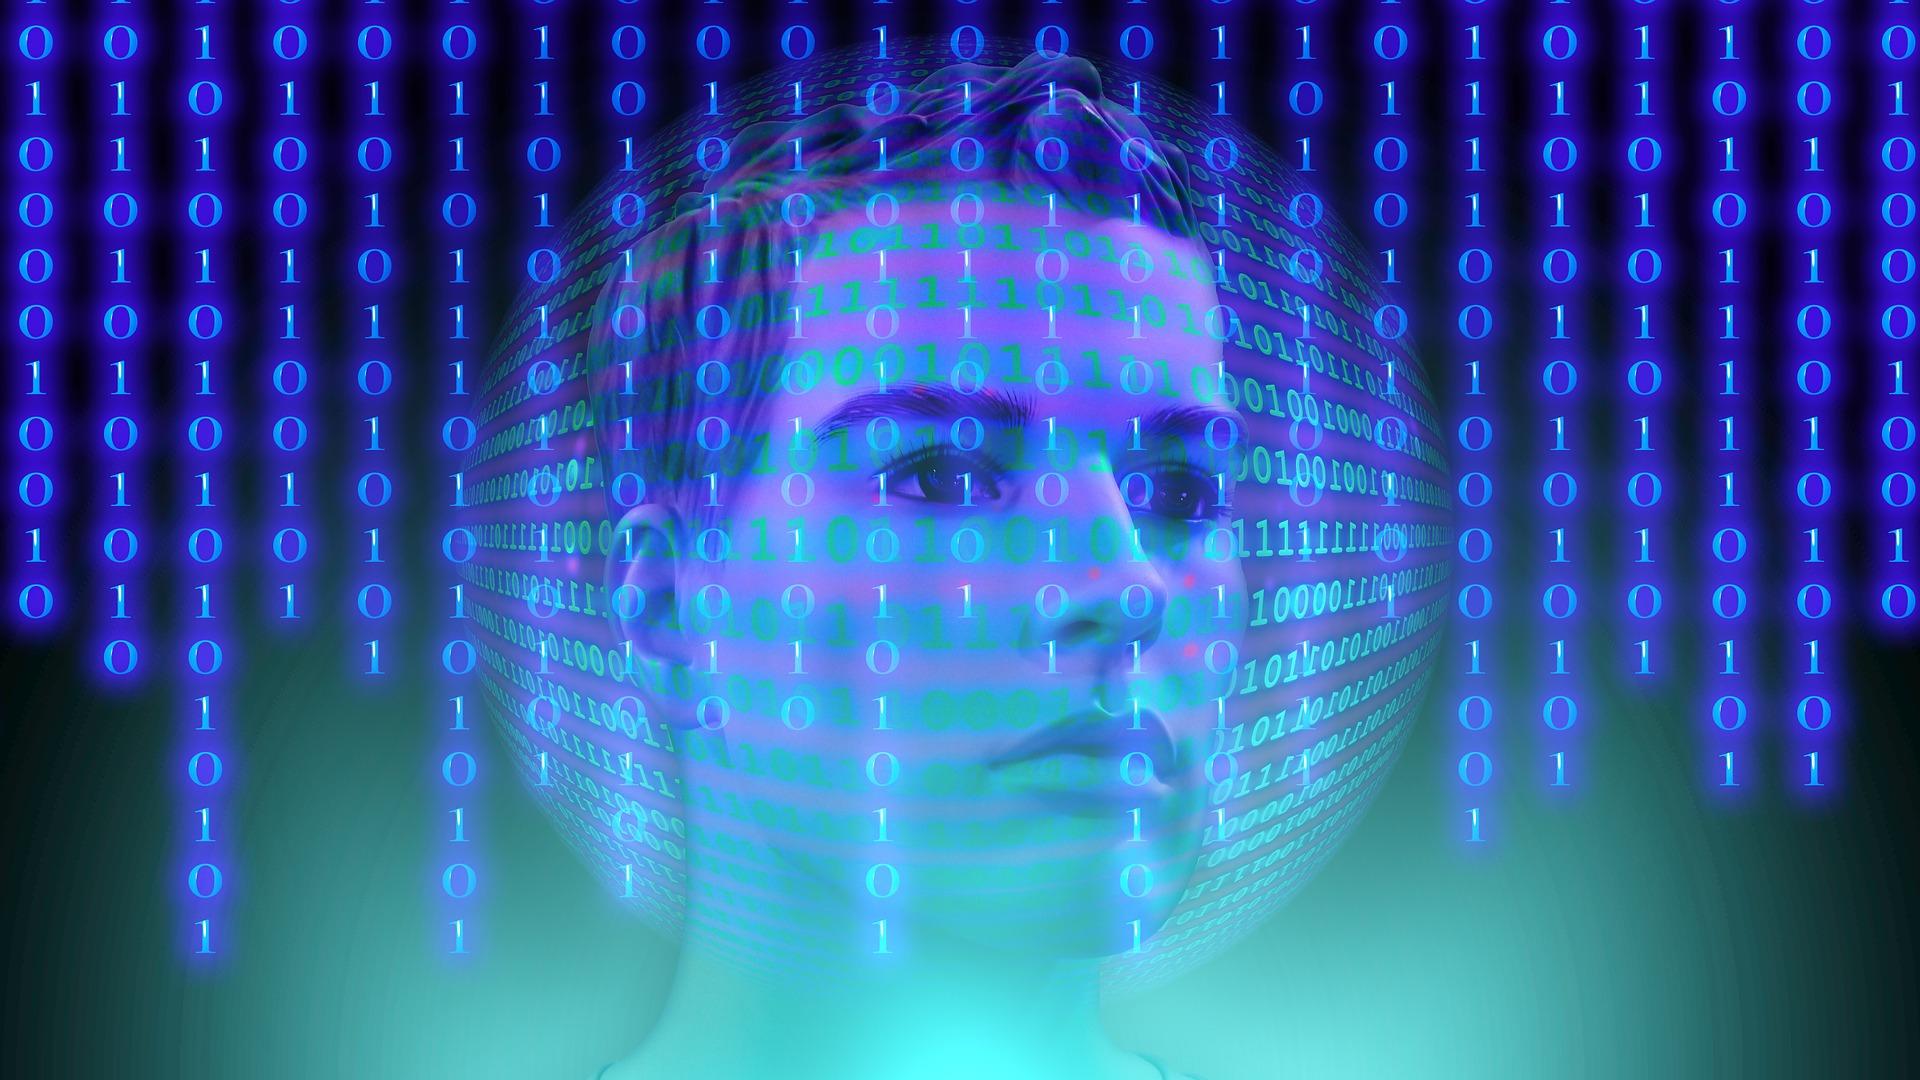 Psychometrie beschäftigt sich mit der Vermessung der Psyche – dies geschieht auch online. Foto: pixabay.com/Gerd Altmann